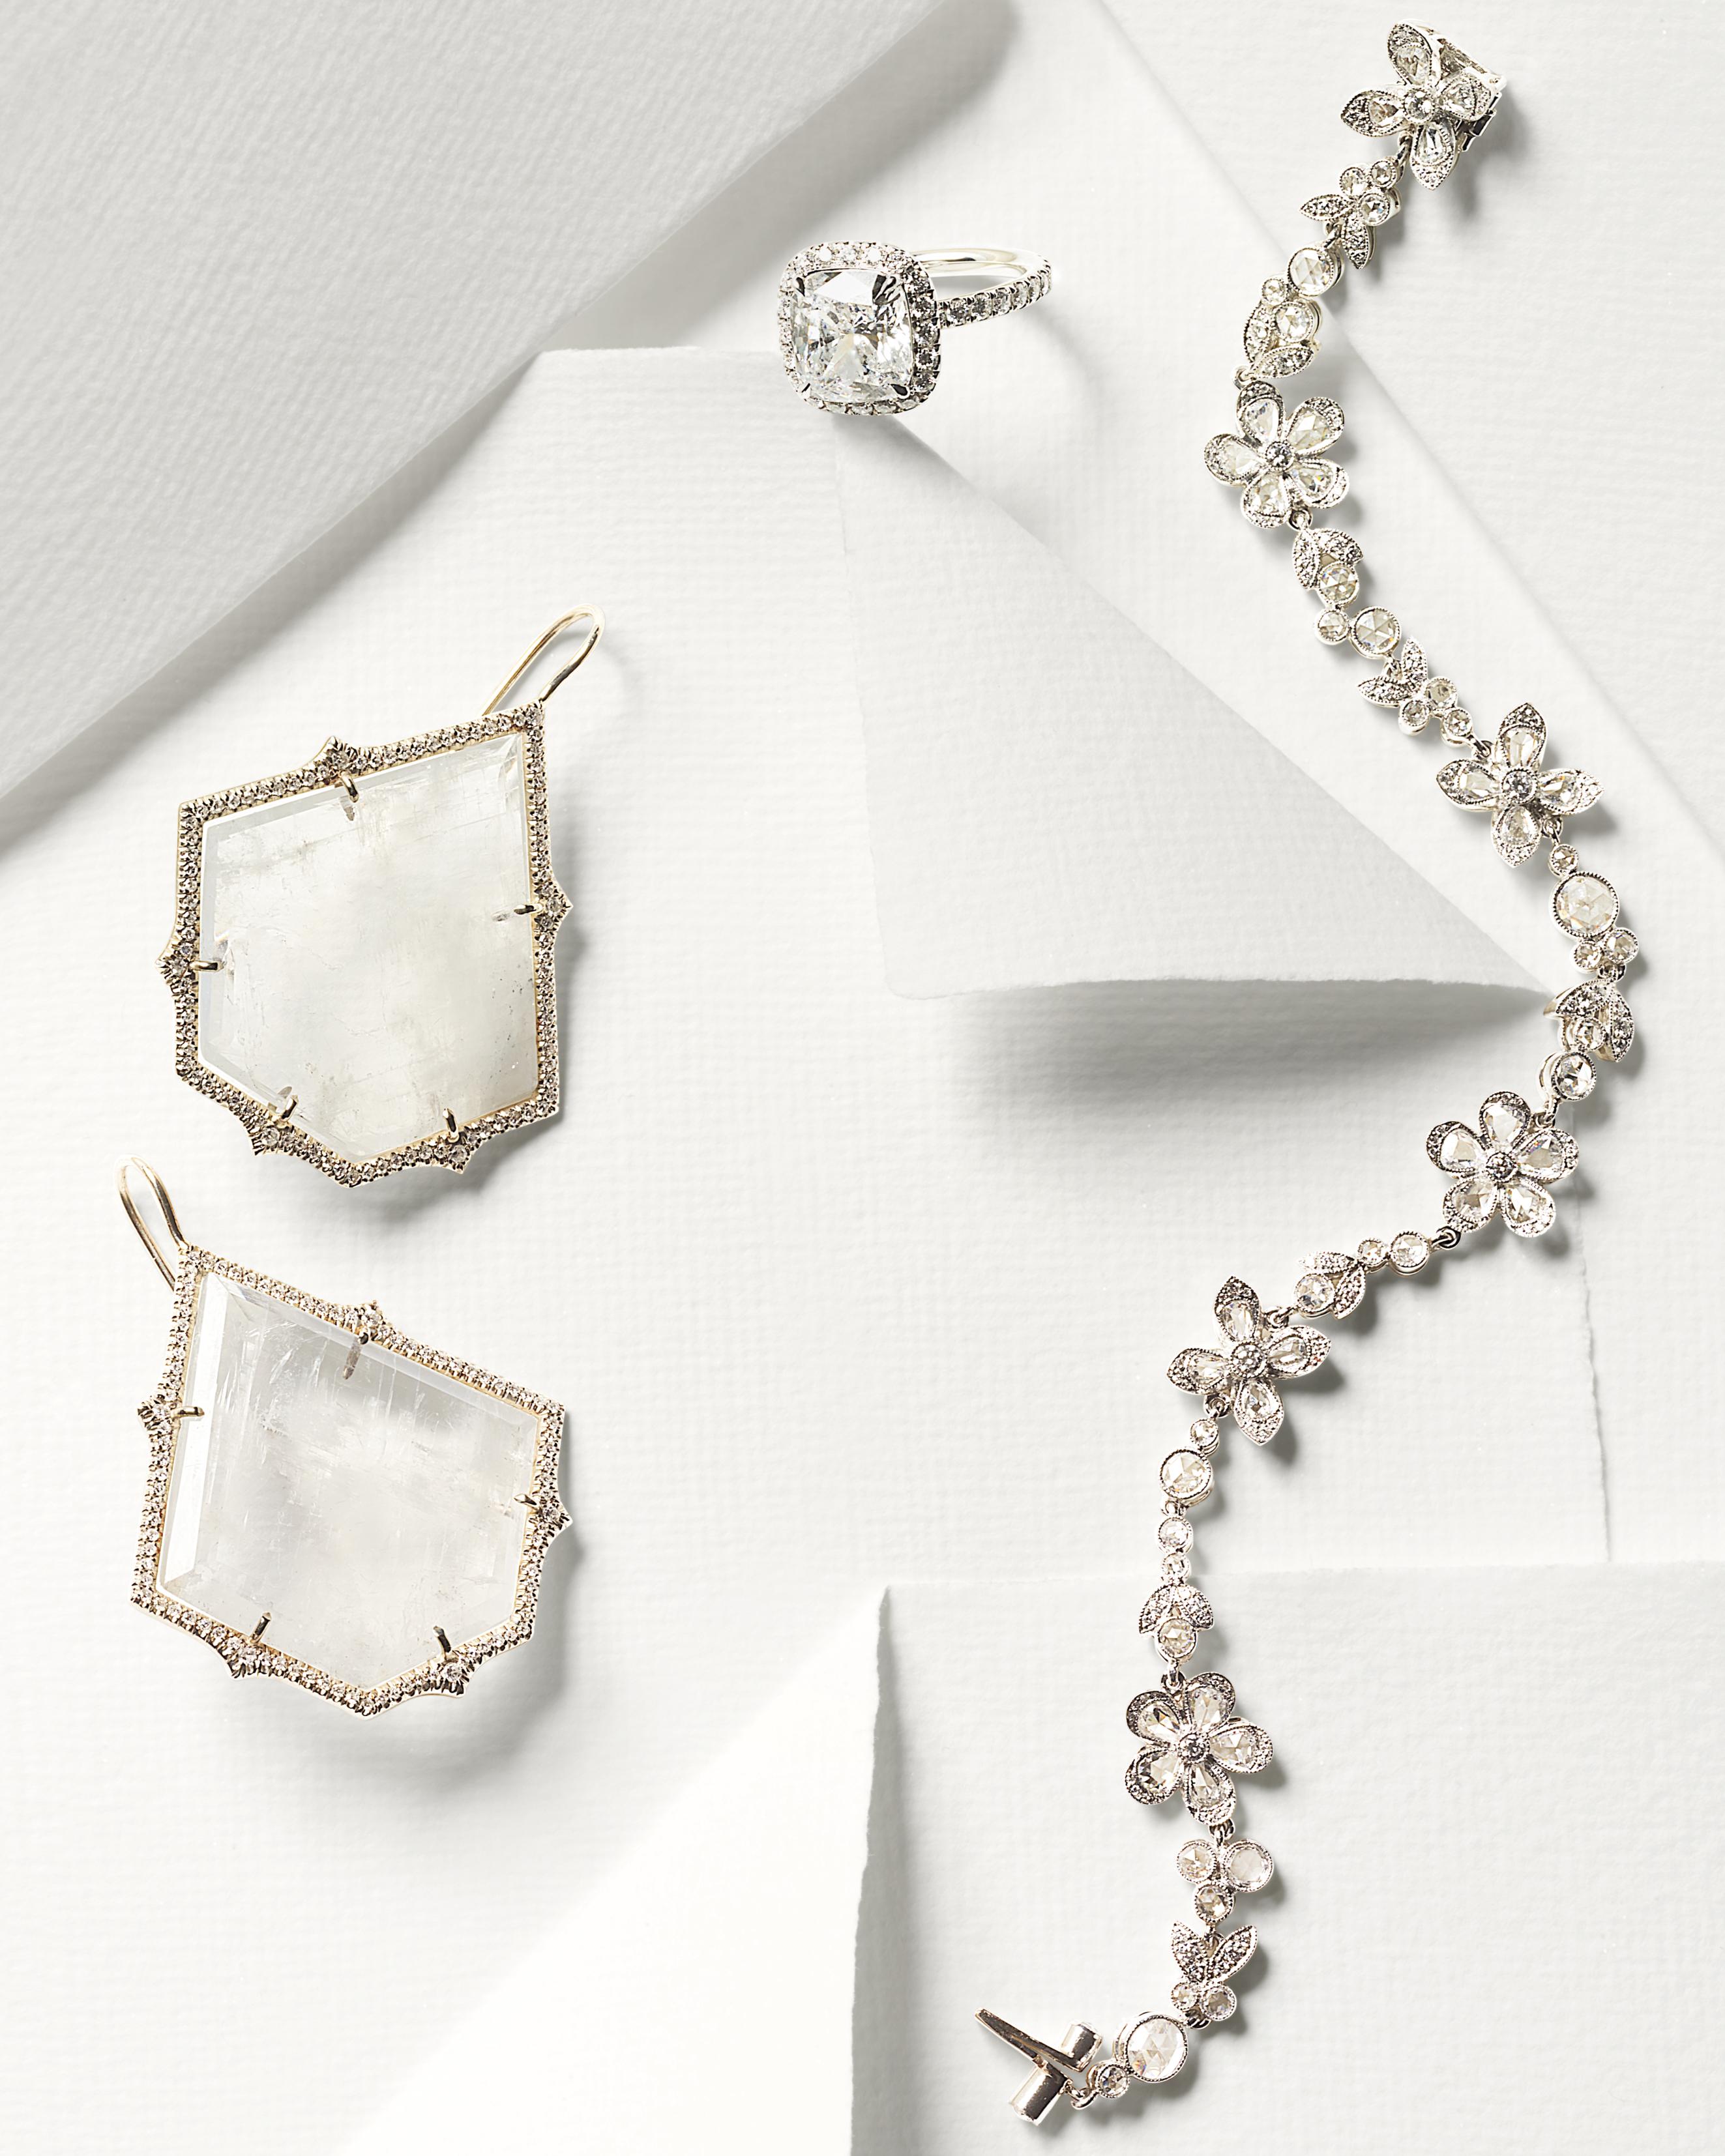 Sparkling Wedding Day Jewelry